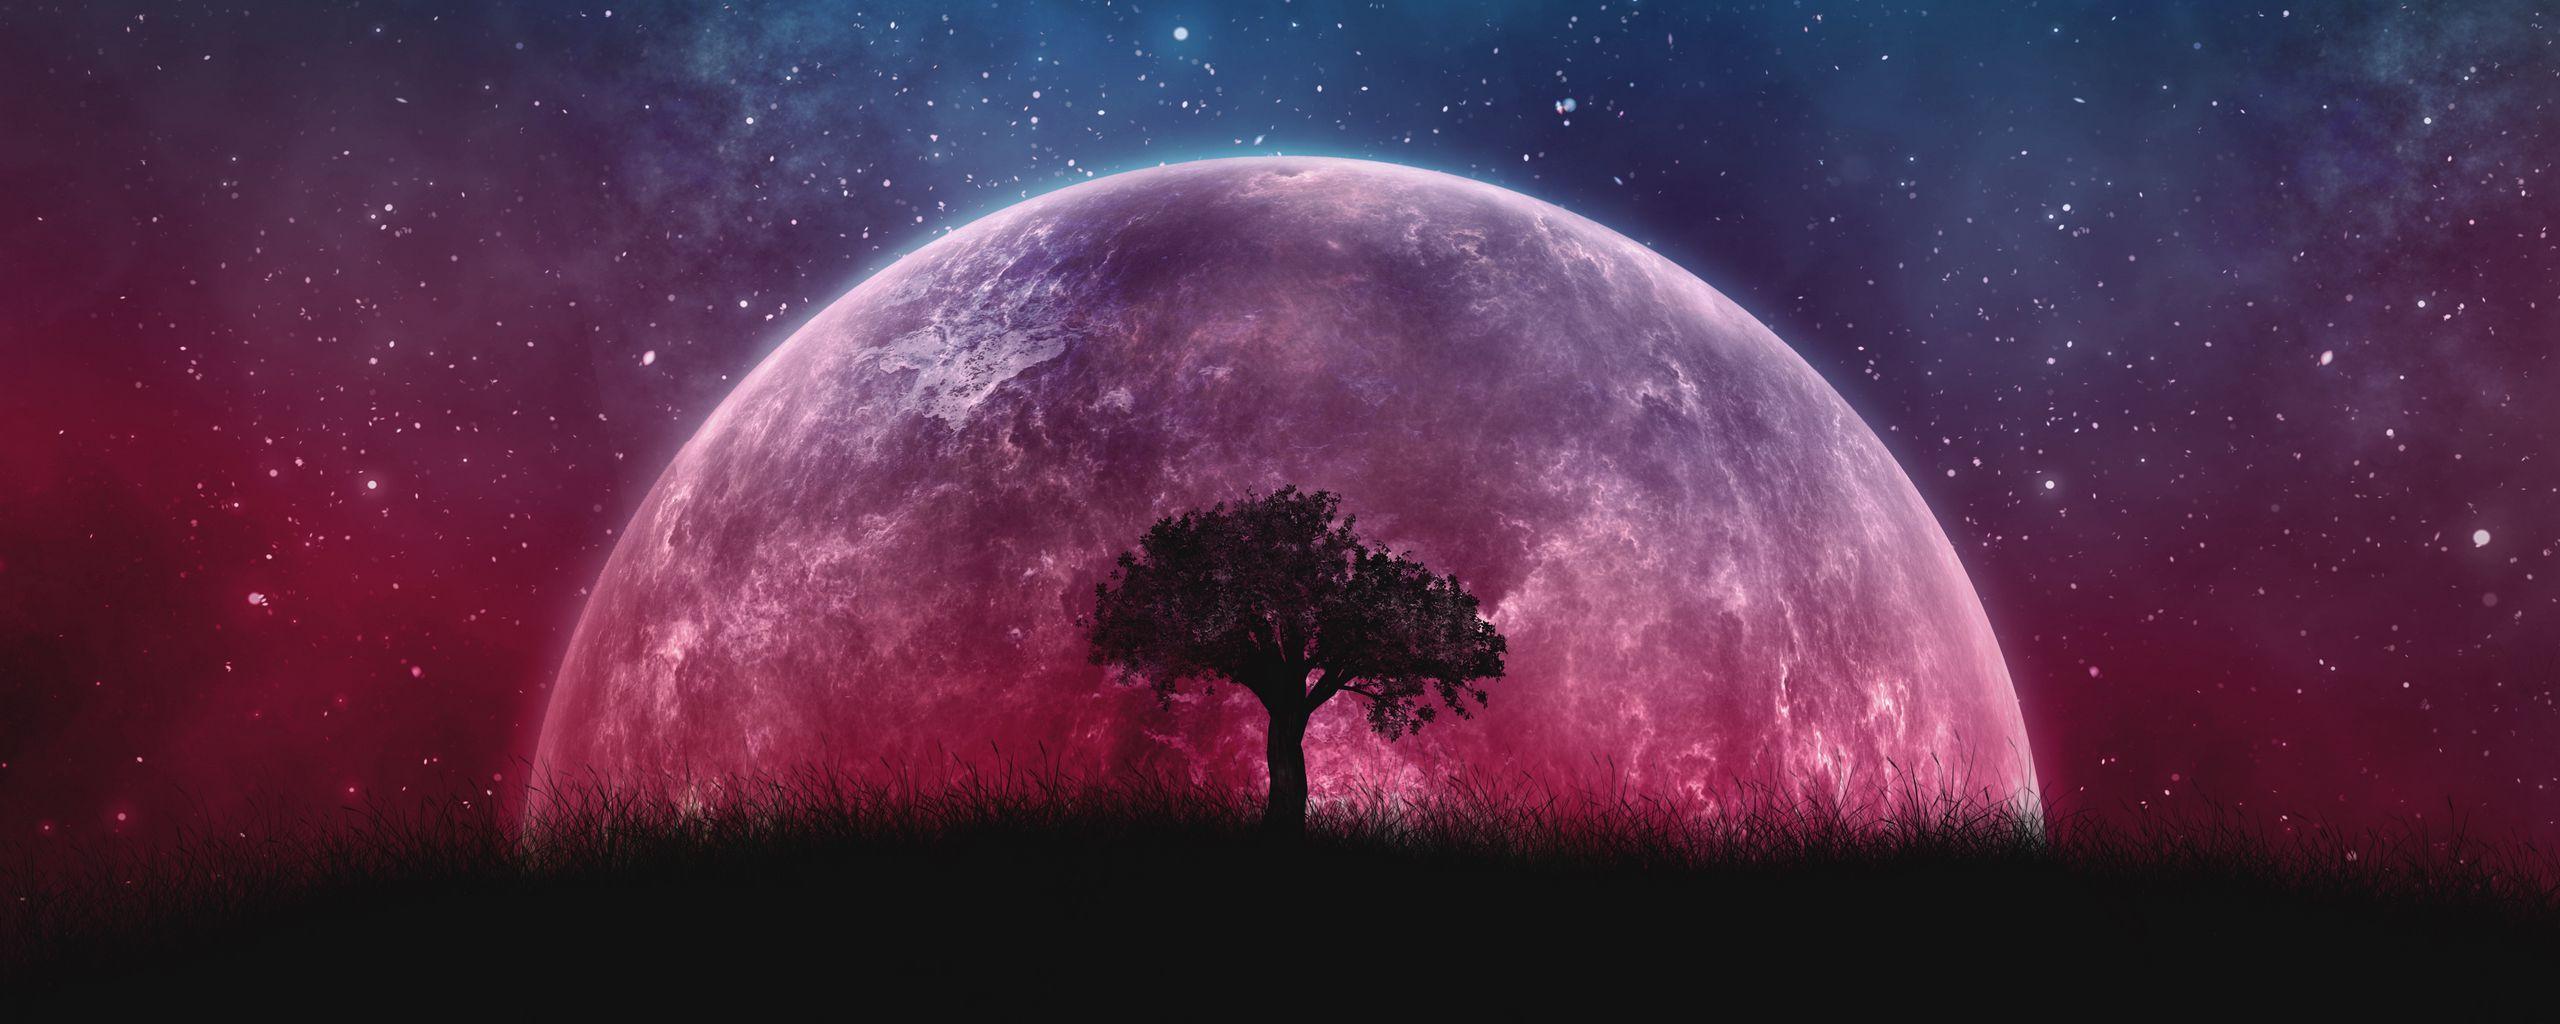 2560x1024 Обои дерево, планета, звезды, галактика, арт